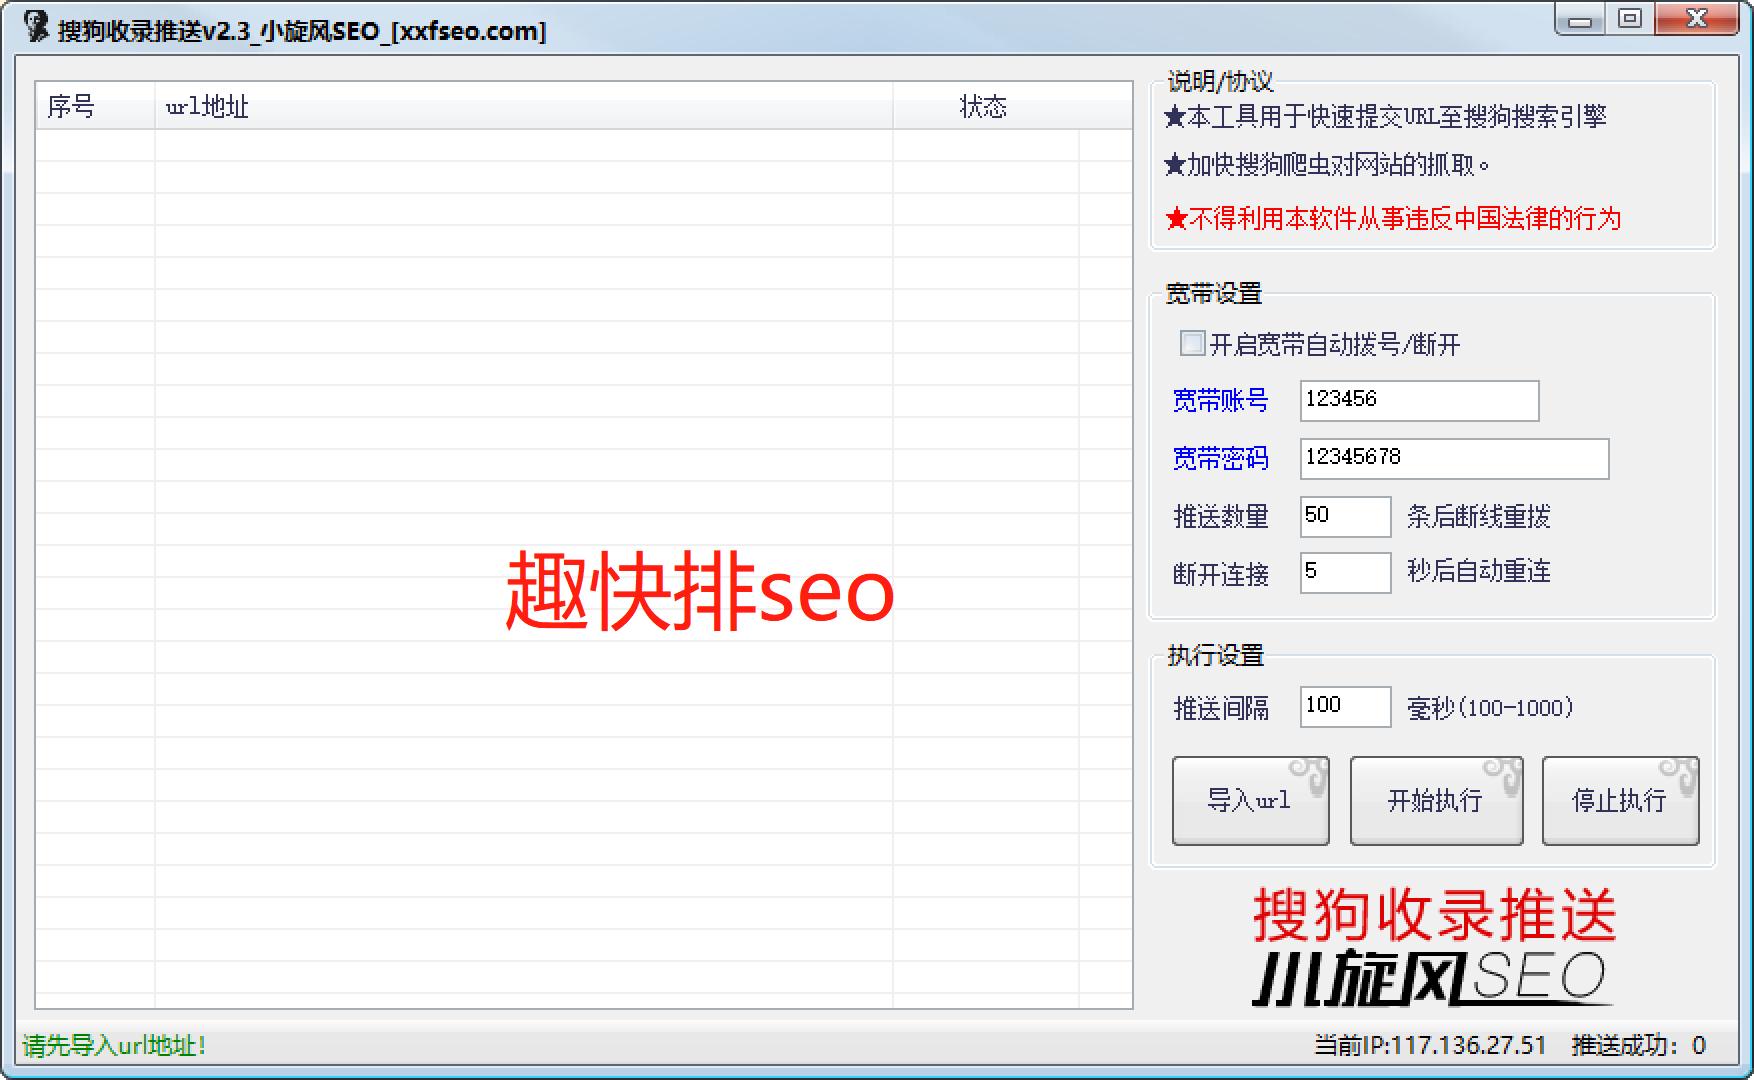 搜狗自动推送收录工具软件_小旋风搜狗收录推送工具v2.3